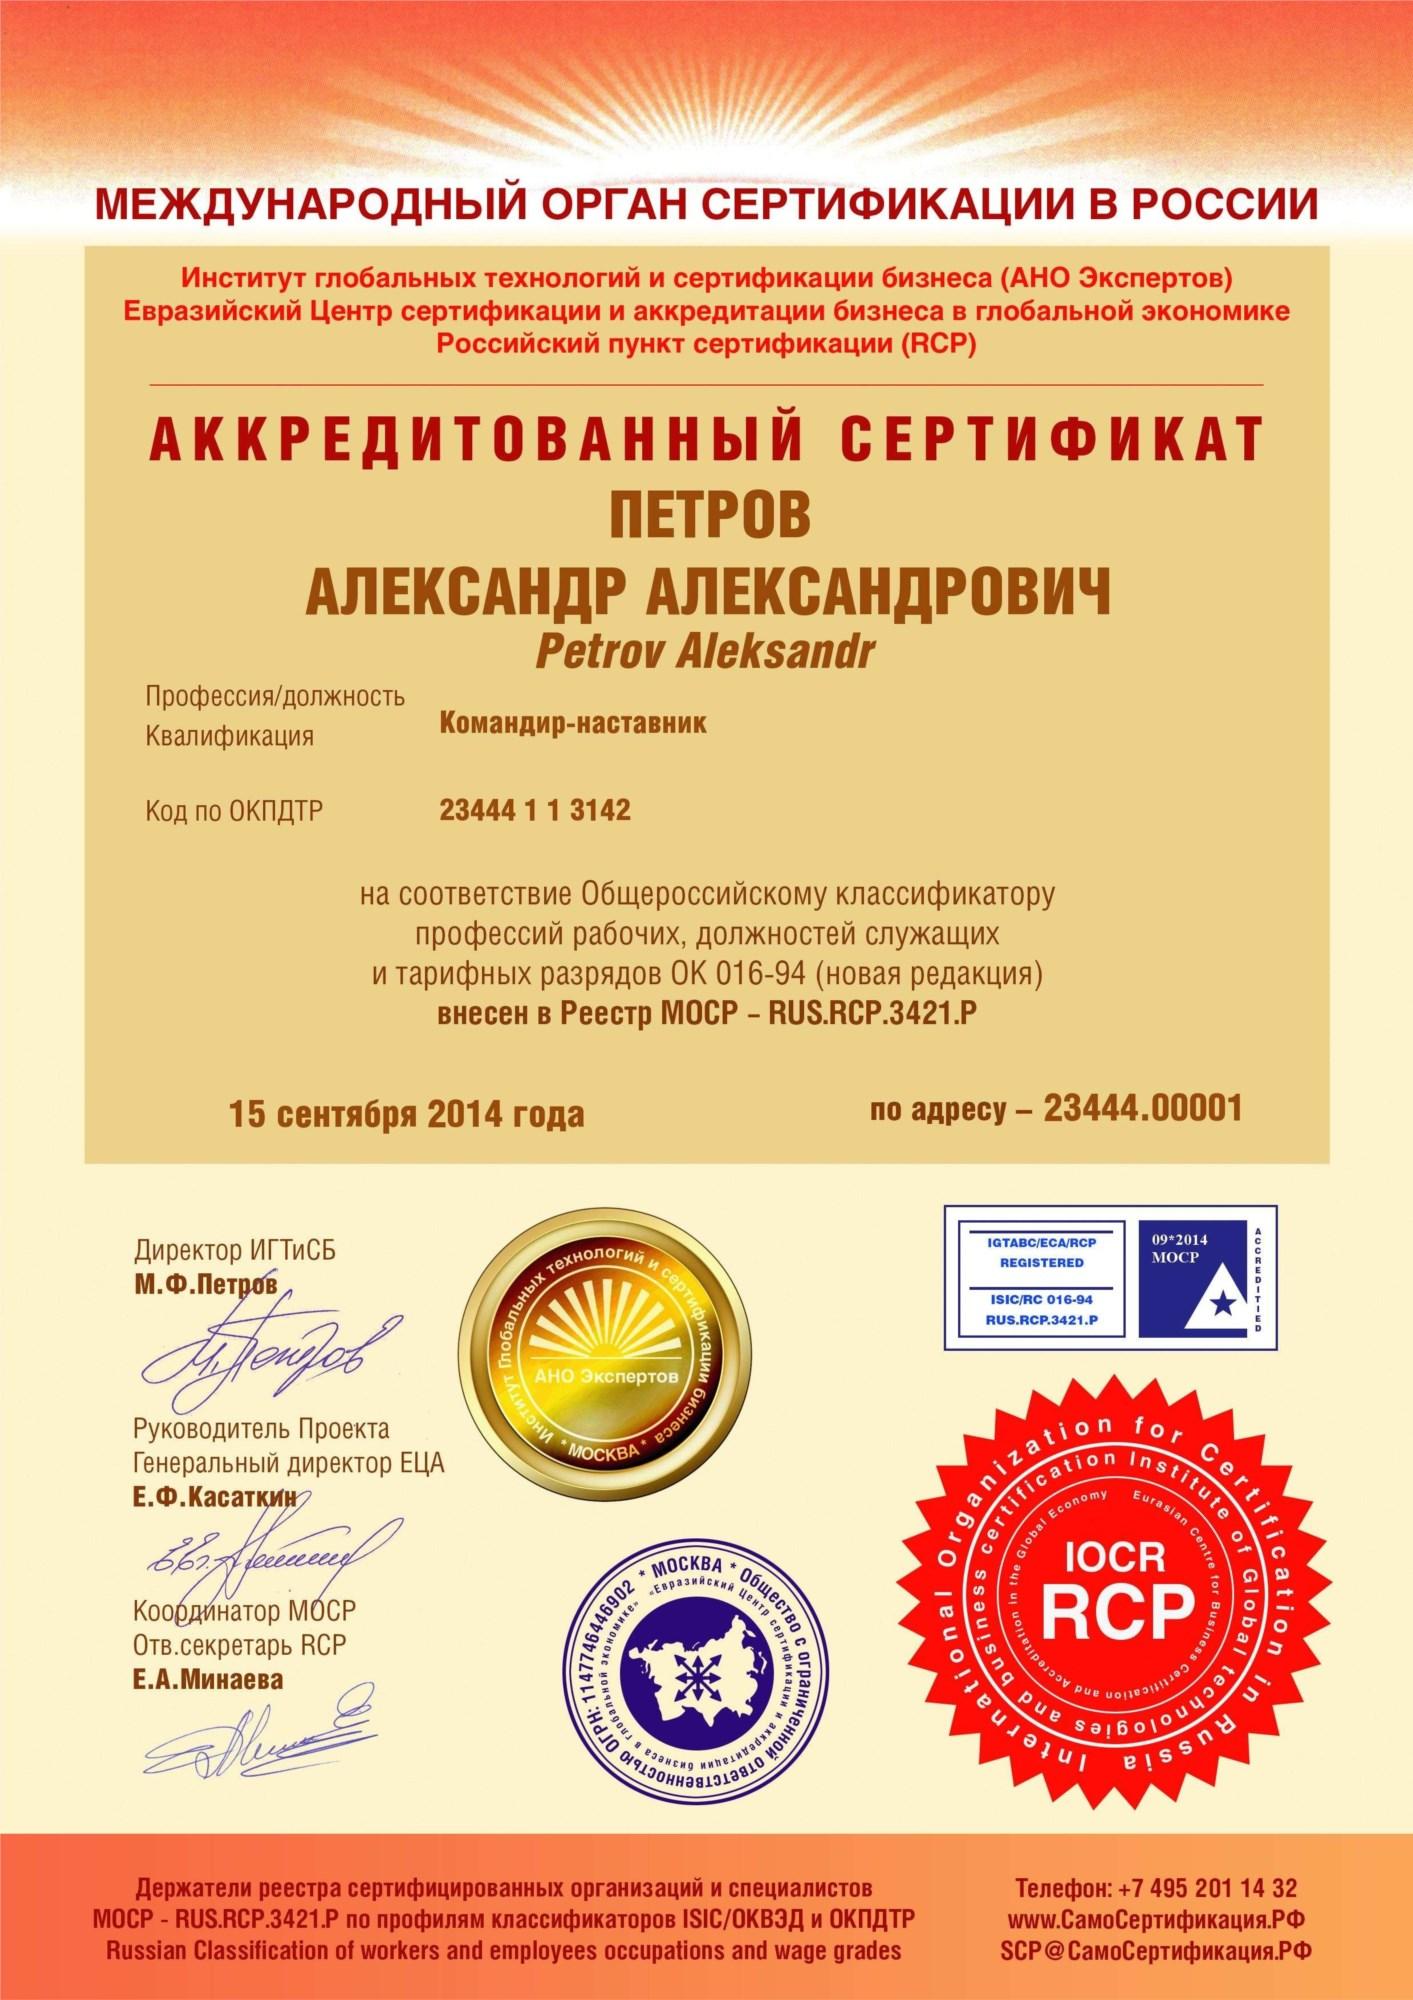 Аккредитованный сертификат Командир-наставник